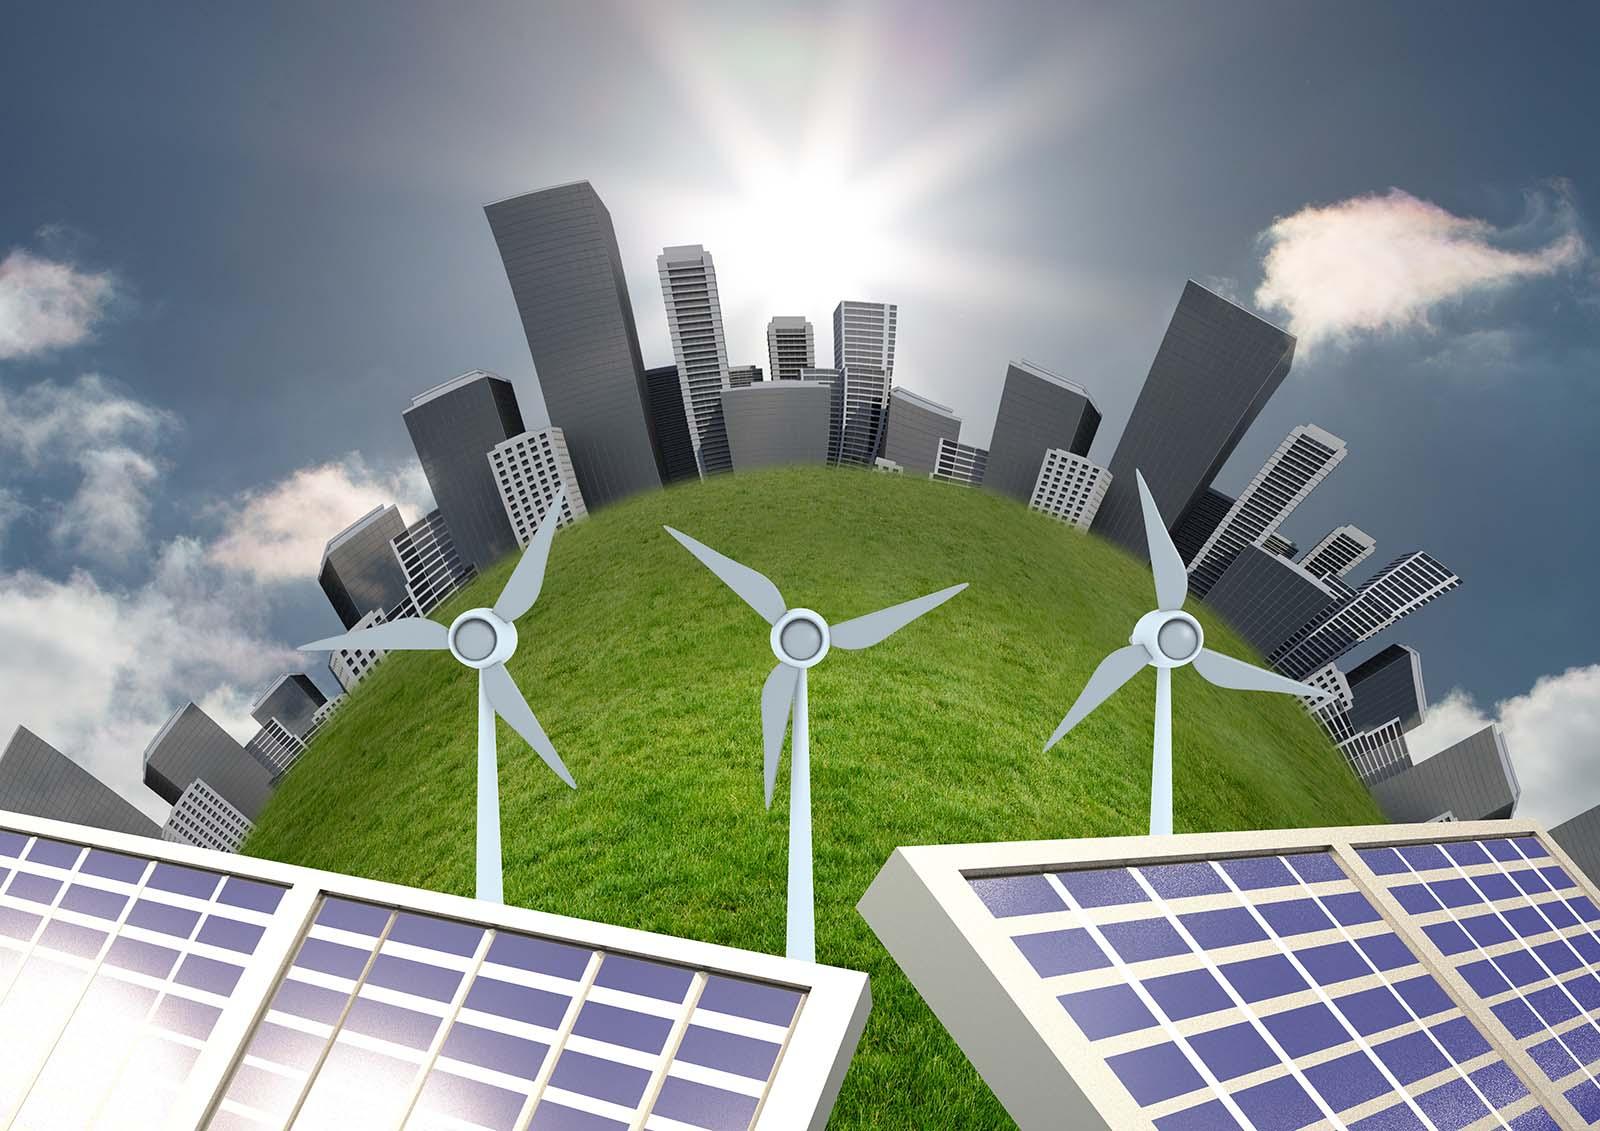 ¿Por qué estudiar electricidad con energías renovables?